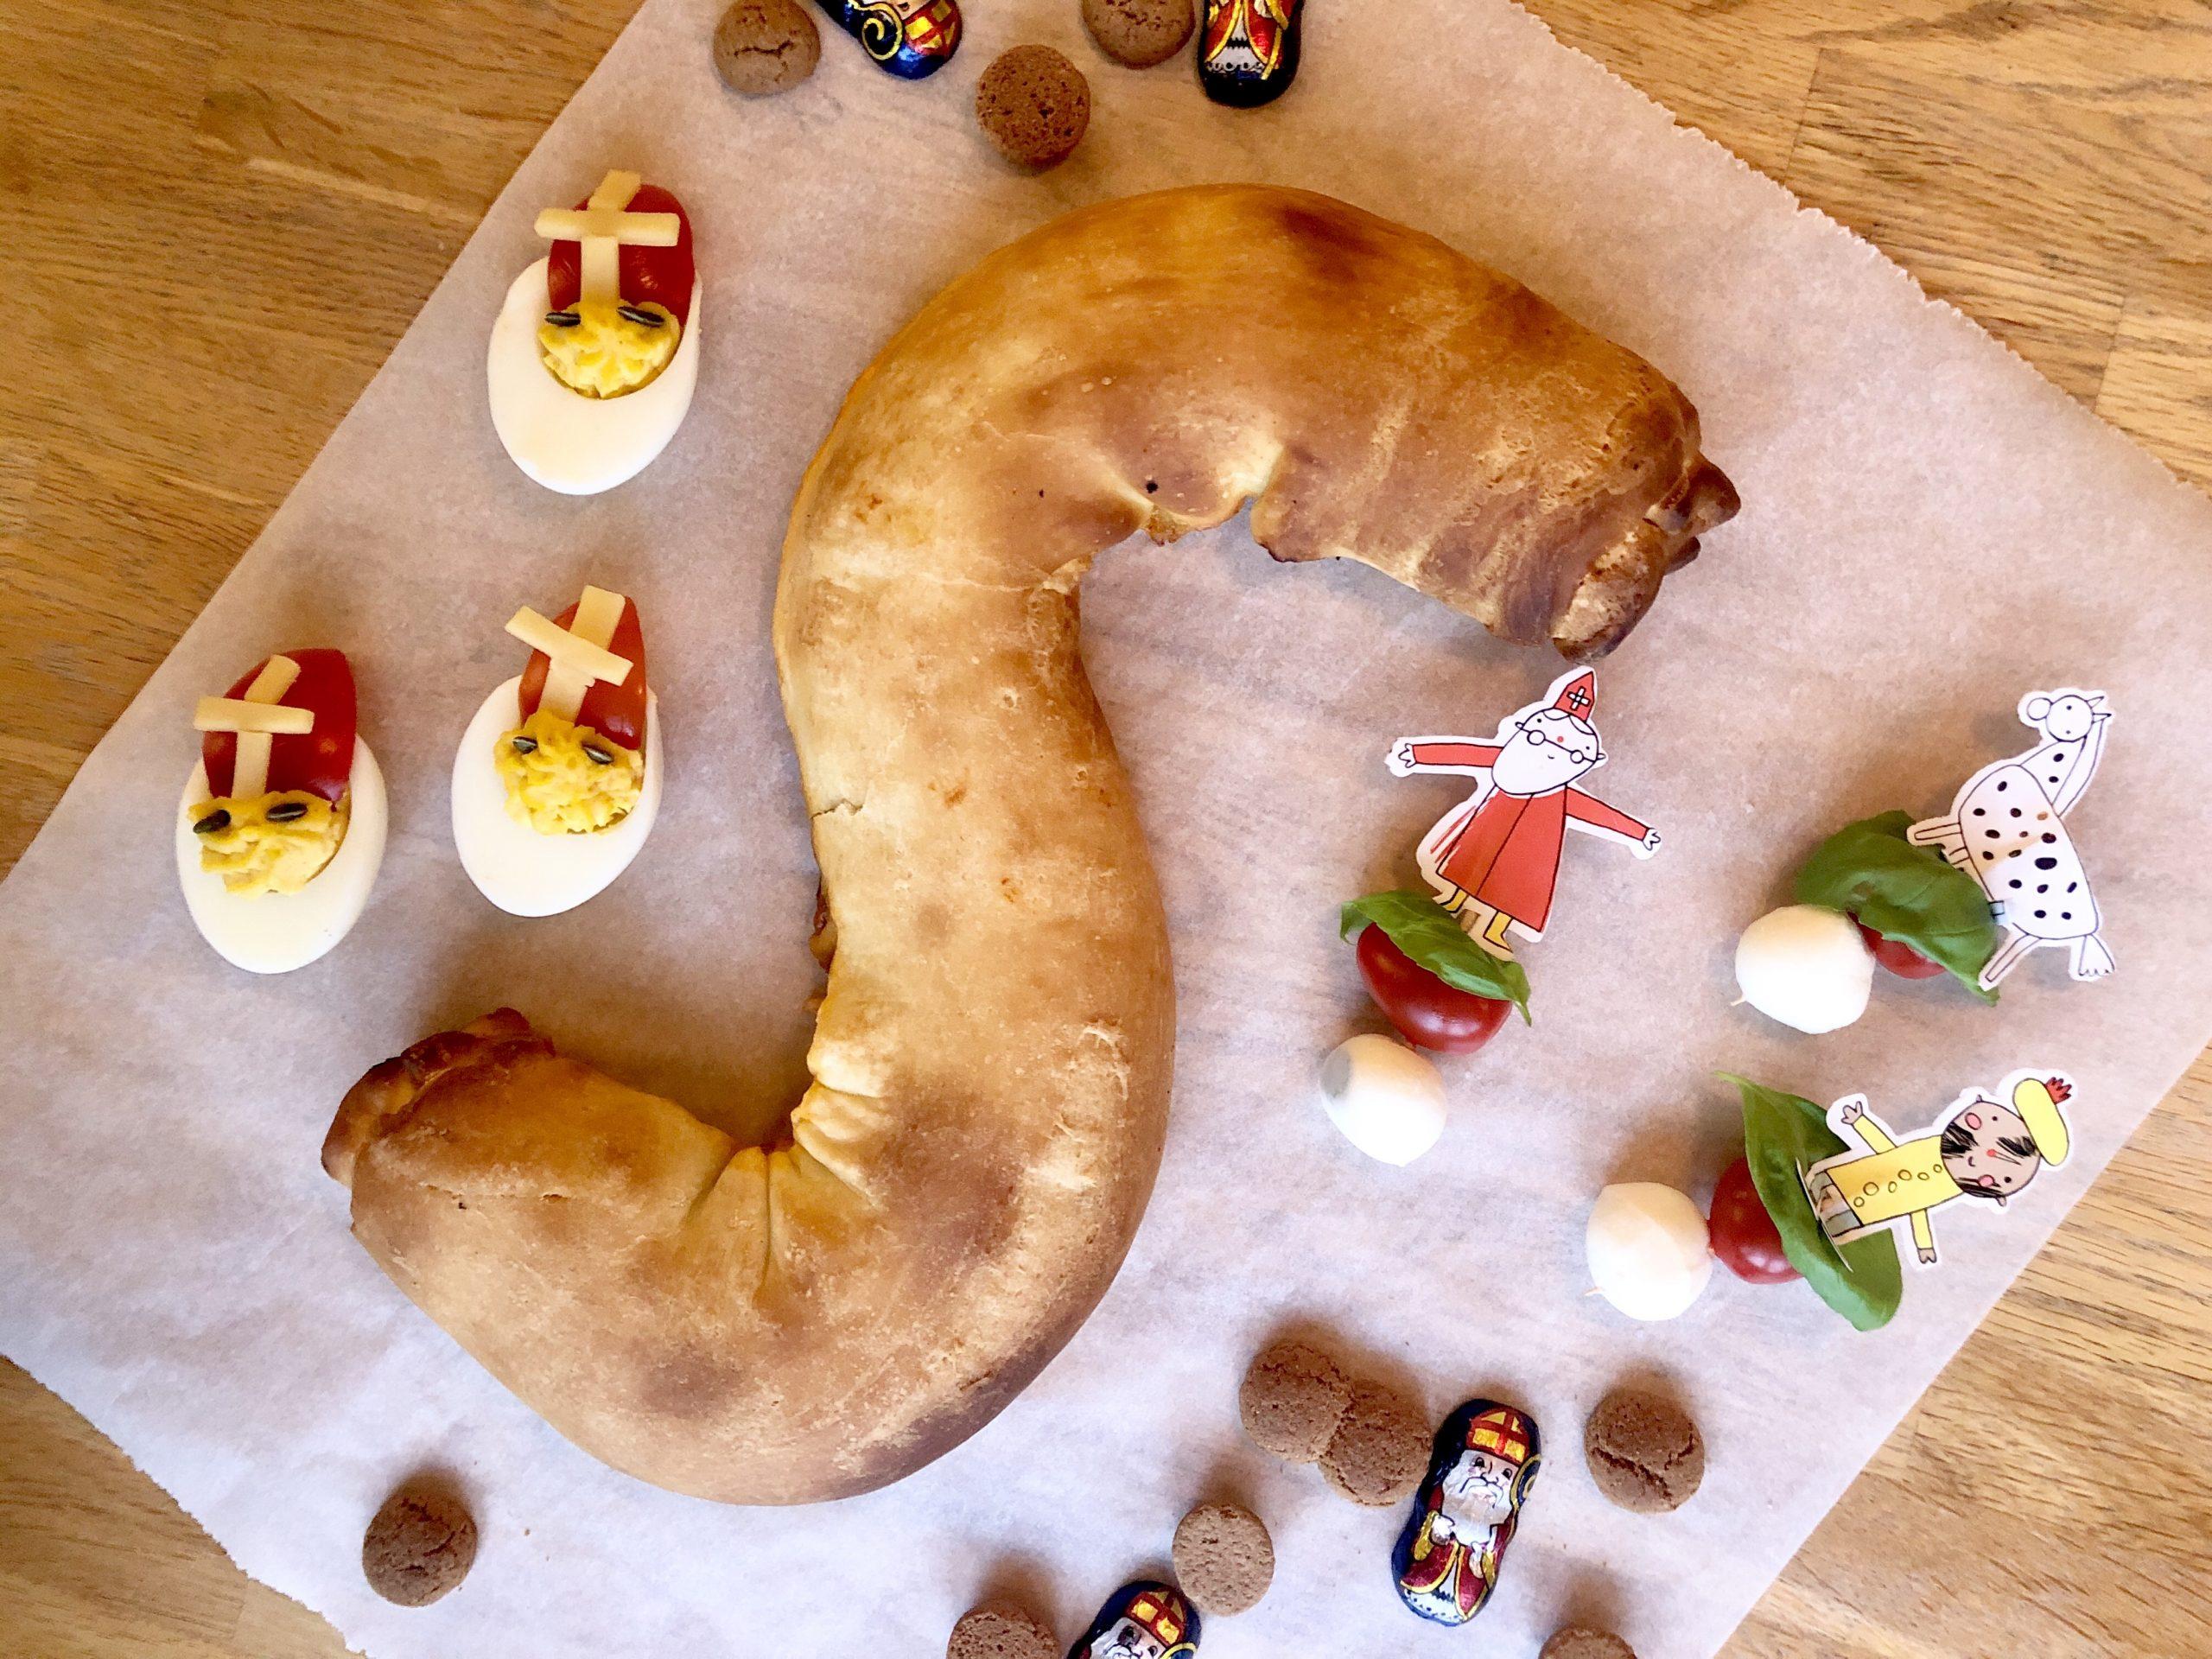 Sinterklaas hapjes voor tijdens het sinterklaasfeest. Gevulde eieren, pizza brood en spiesjes.